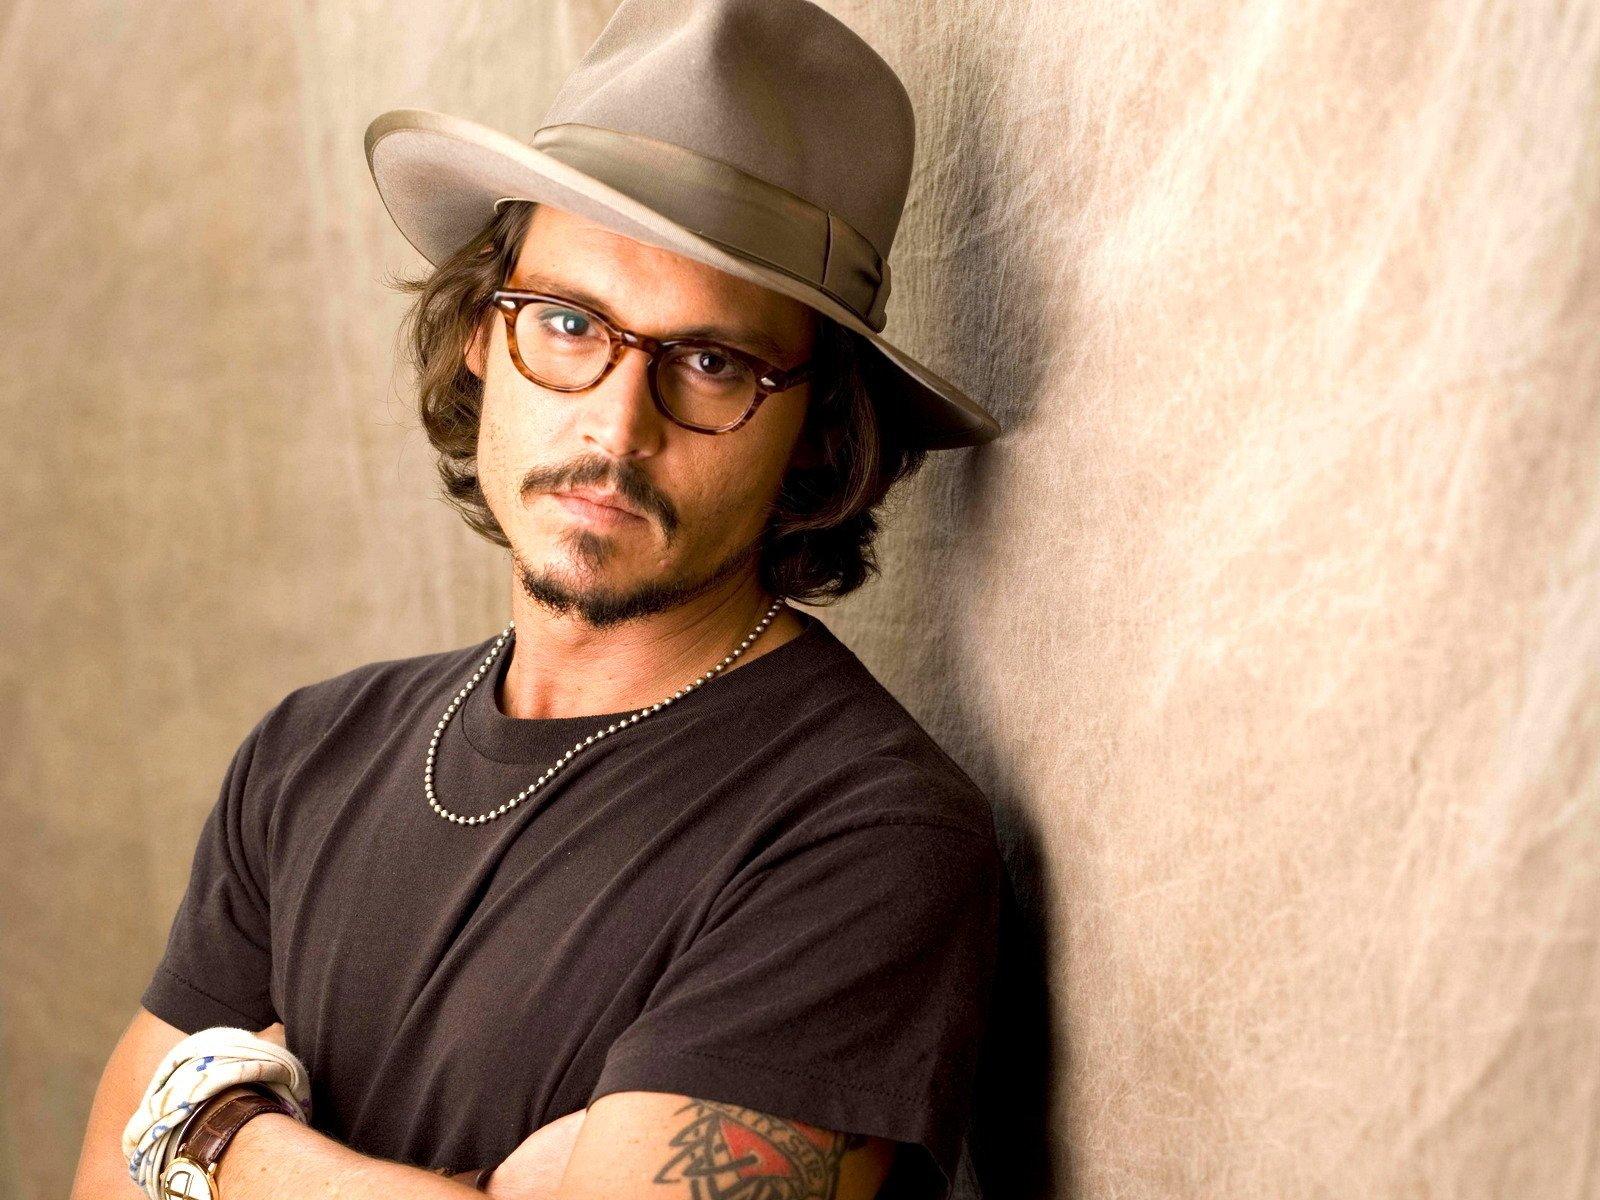 Картинка мужчина в очках и шляпе